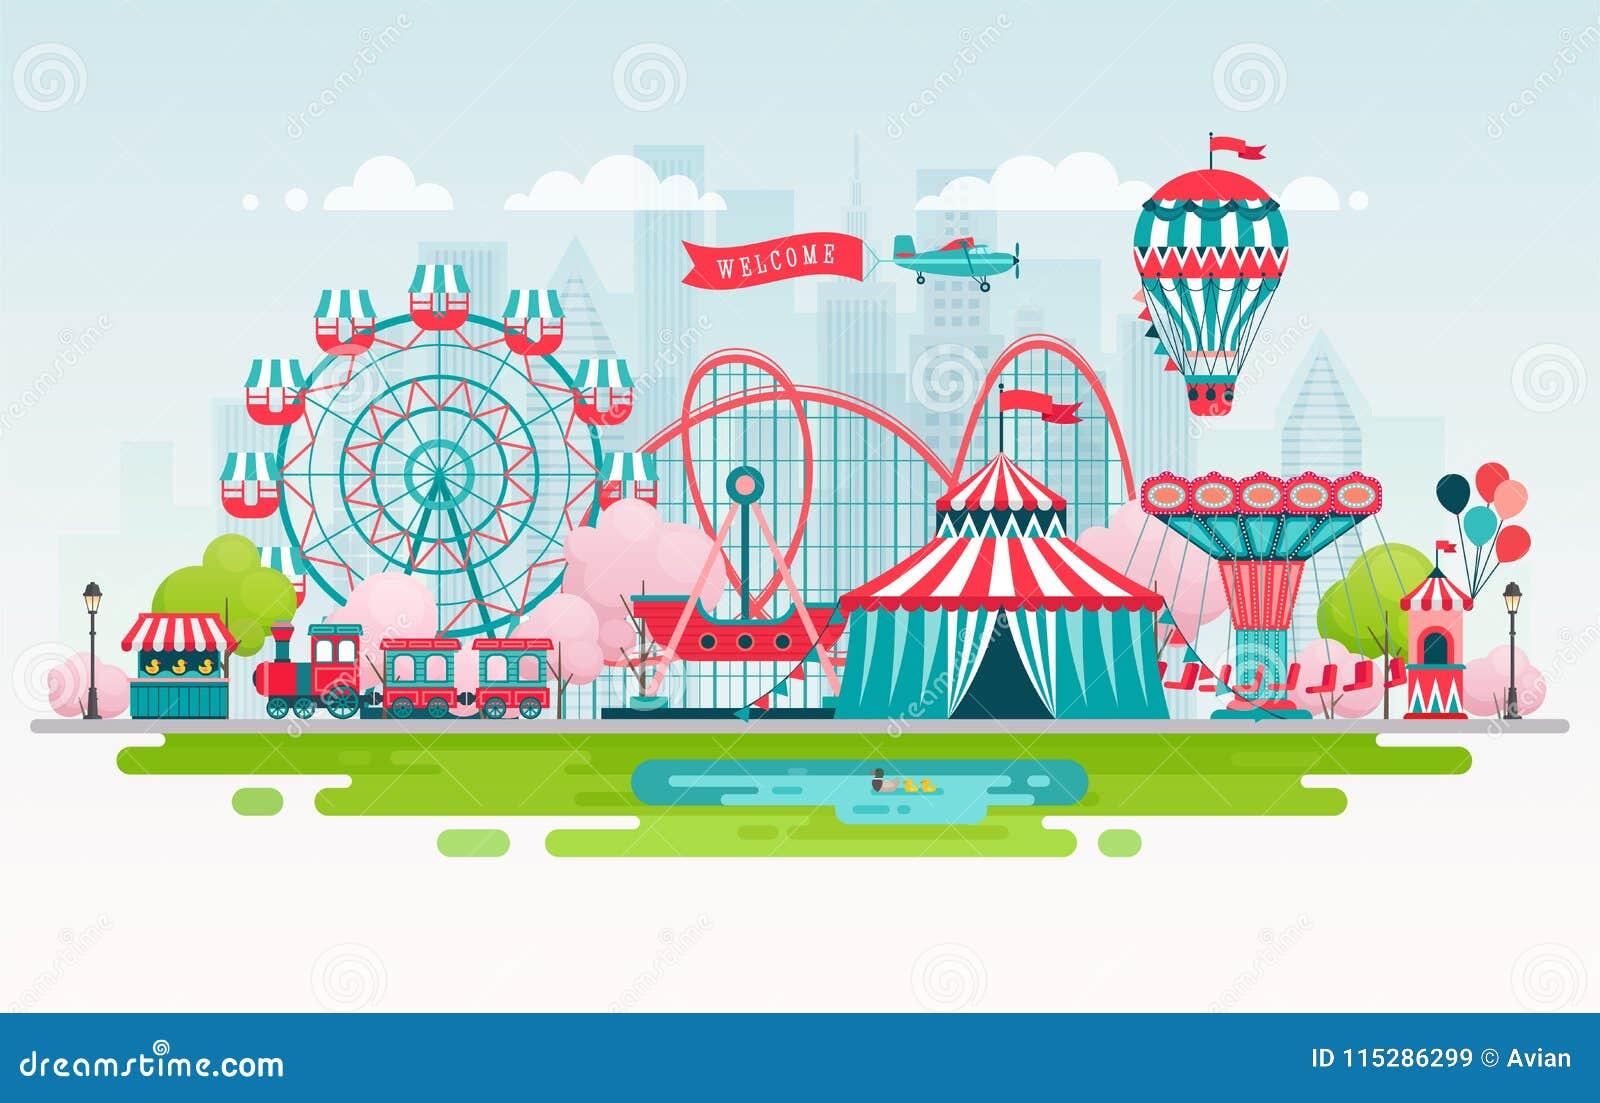 Park rozrywki, miastowy krajobraz z carousels, kolejka górska i lotniczy balon, Cyrkowy i Karnawałowy temat